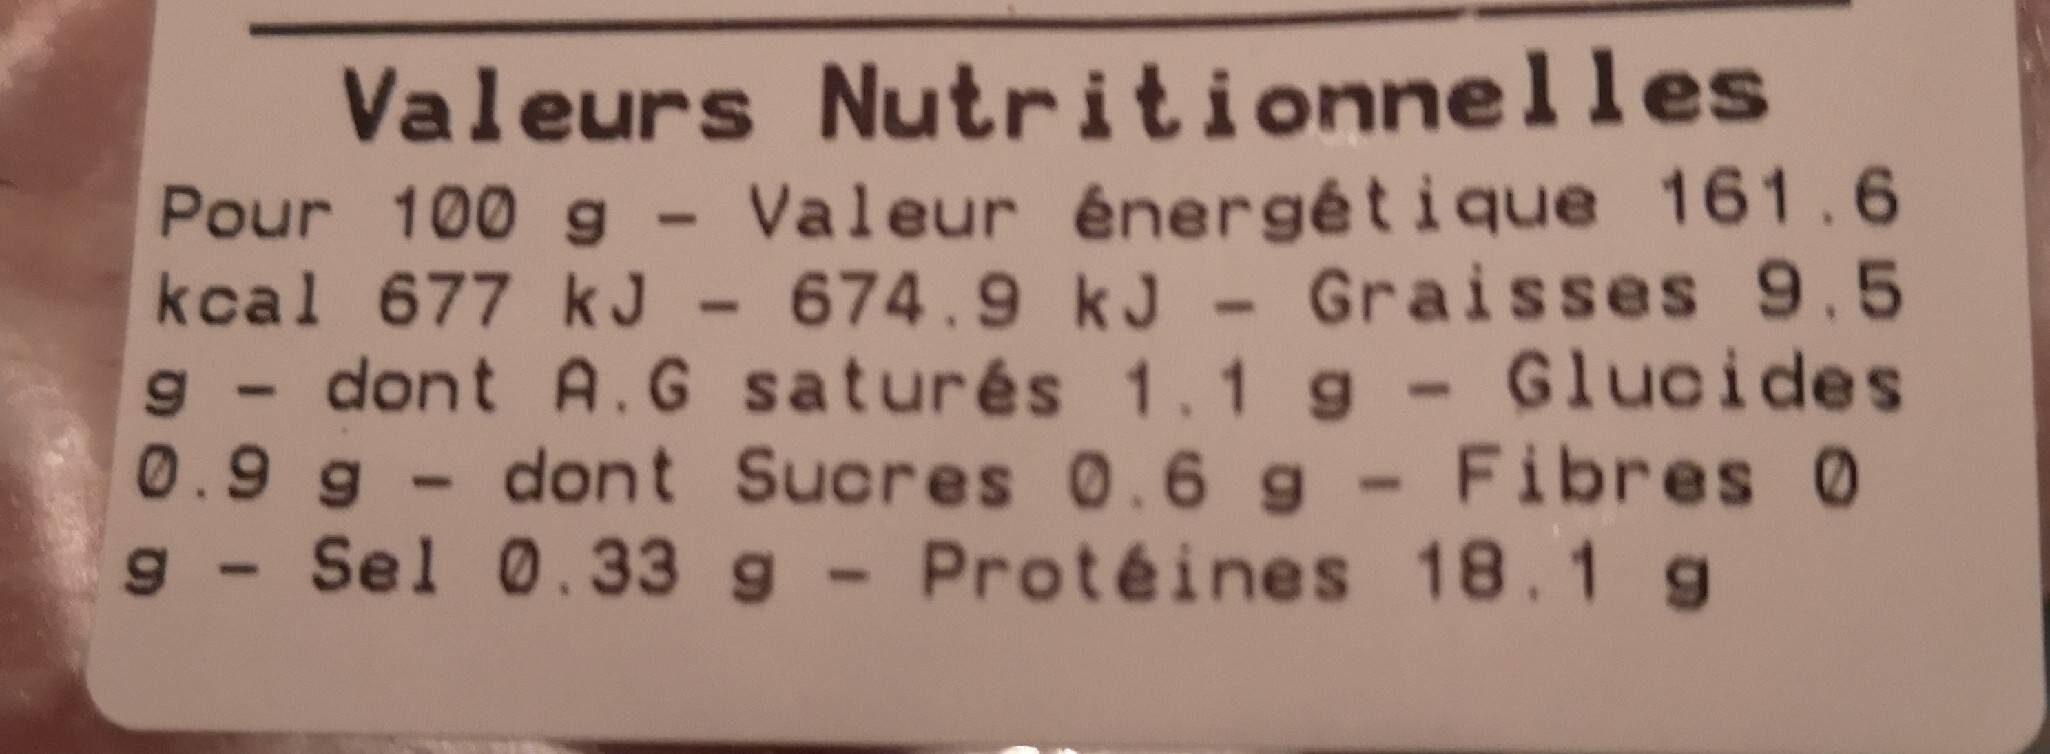 Jambon cuit supérieur 3 noix - Nährwertangaben